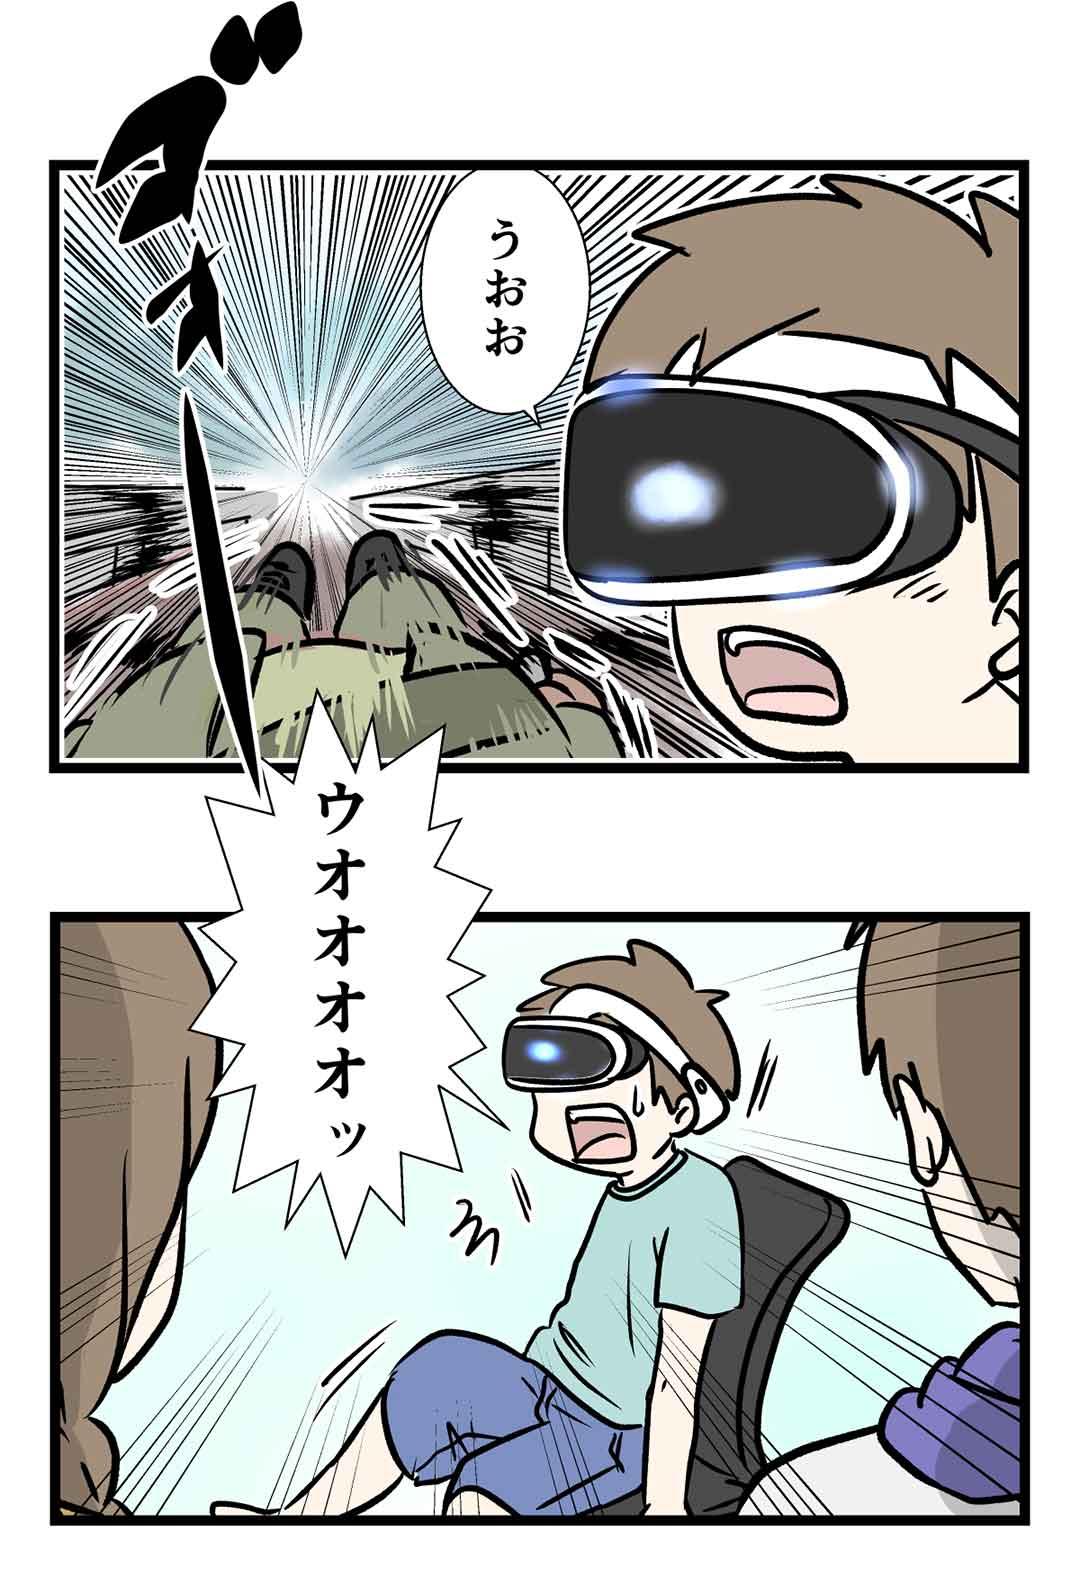 PlayStation VRの迫力をその身をもって体験しすぎた話